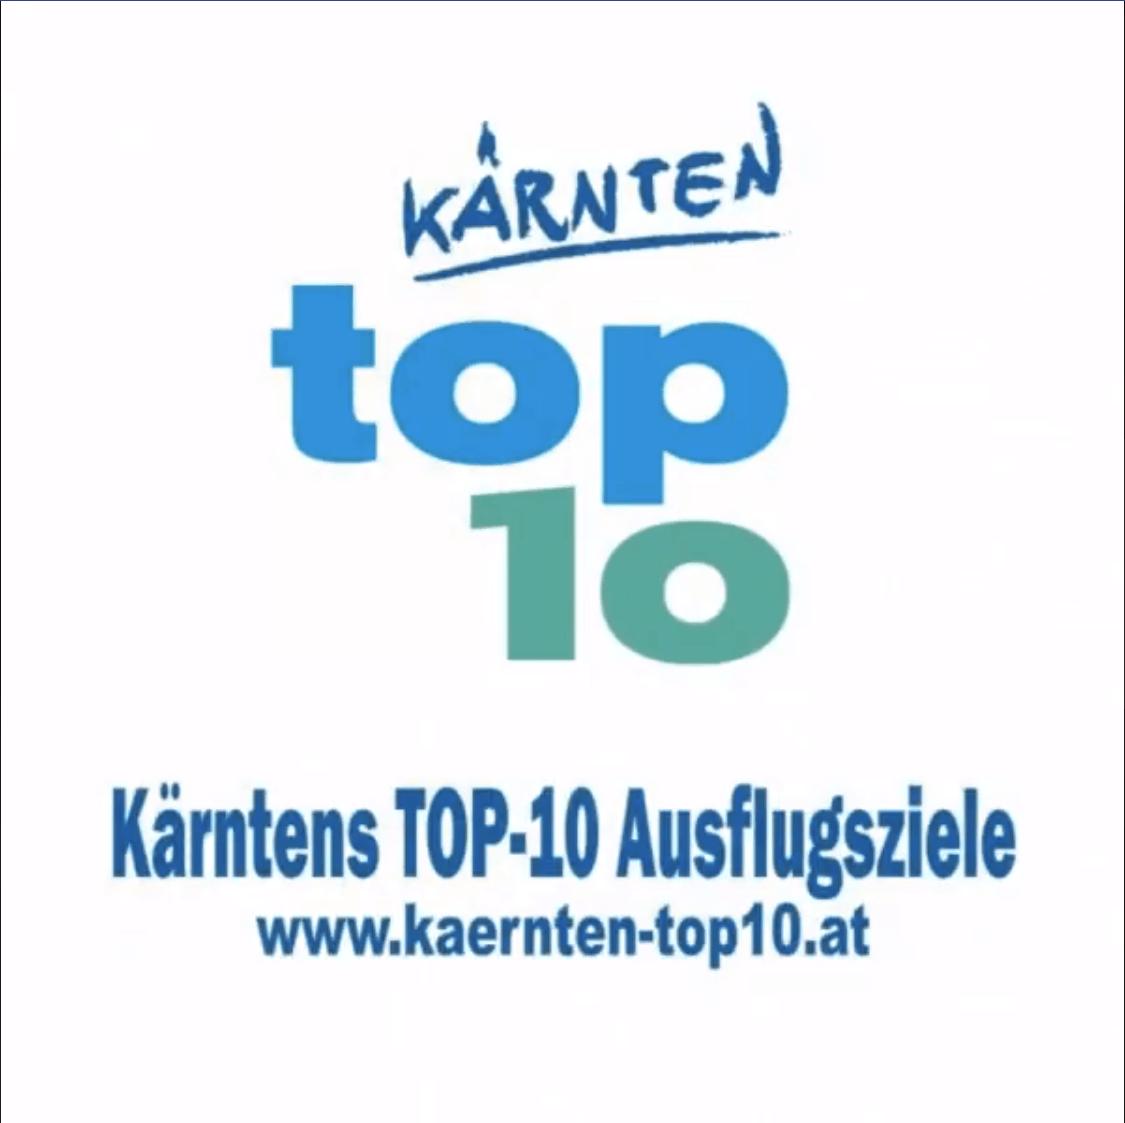 TOP Ausflugsziele in Kärnten - Österreich. Logo und Internet